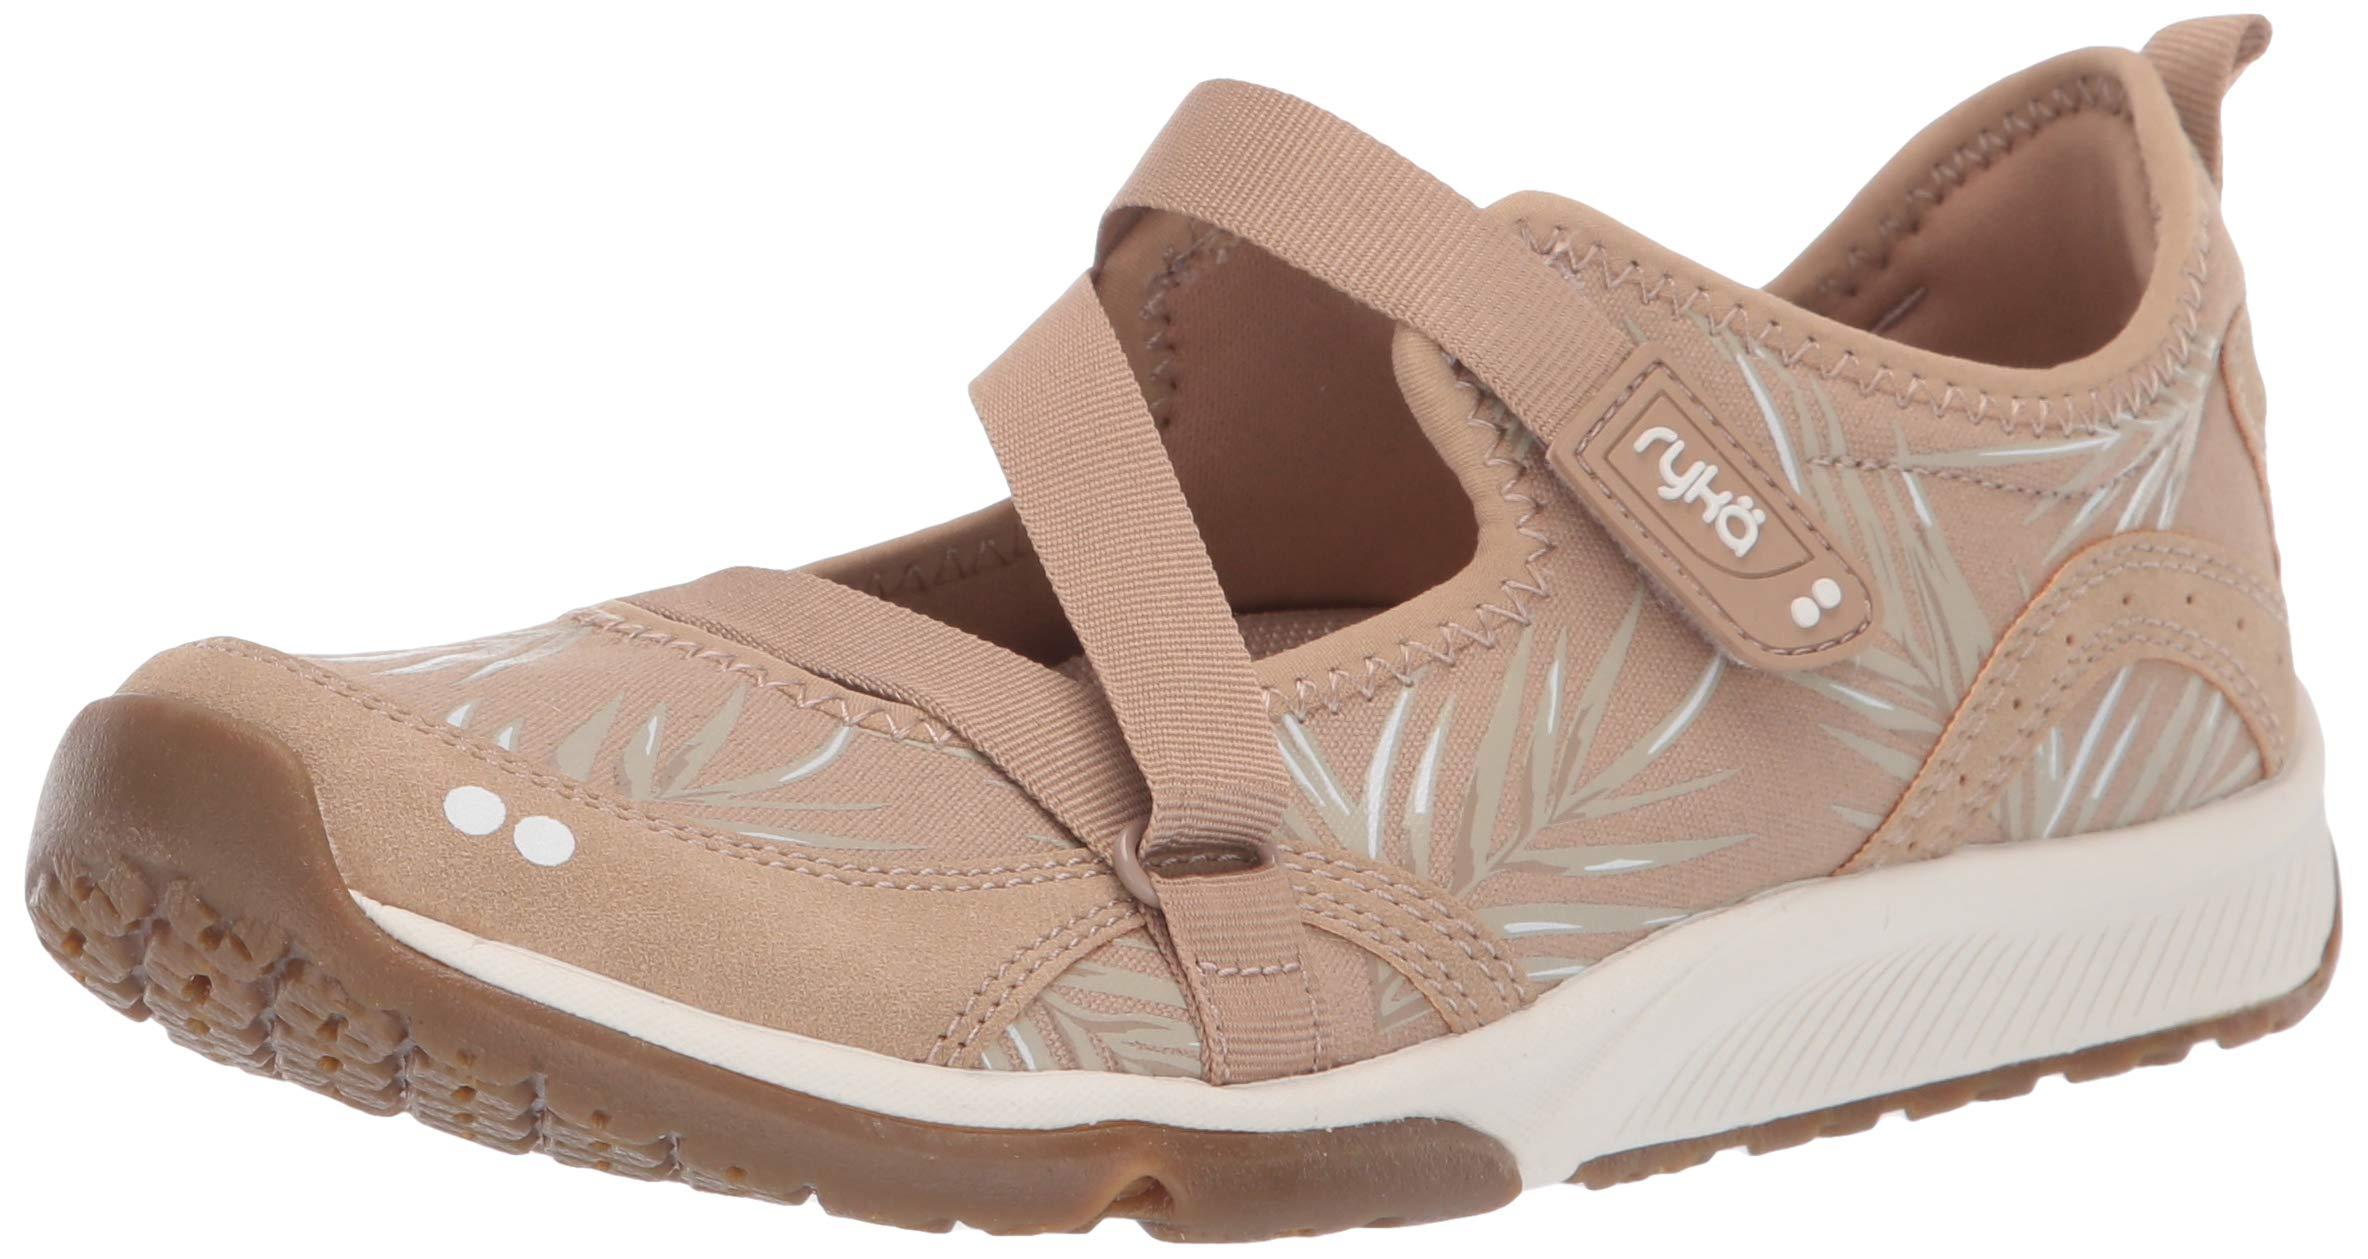 Ryka Women's Kailee Walking Shoe, Taupe, 6 M US